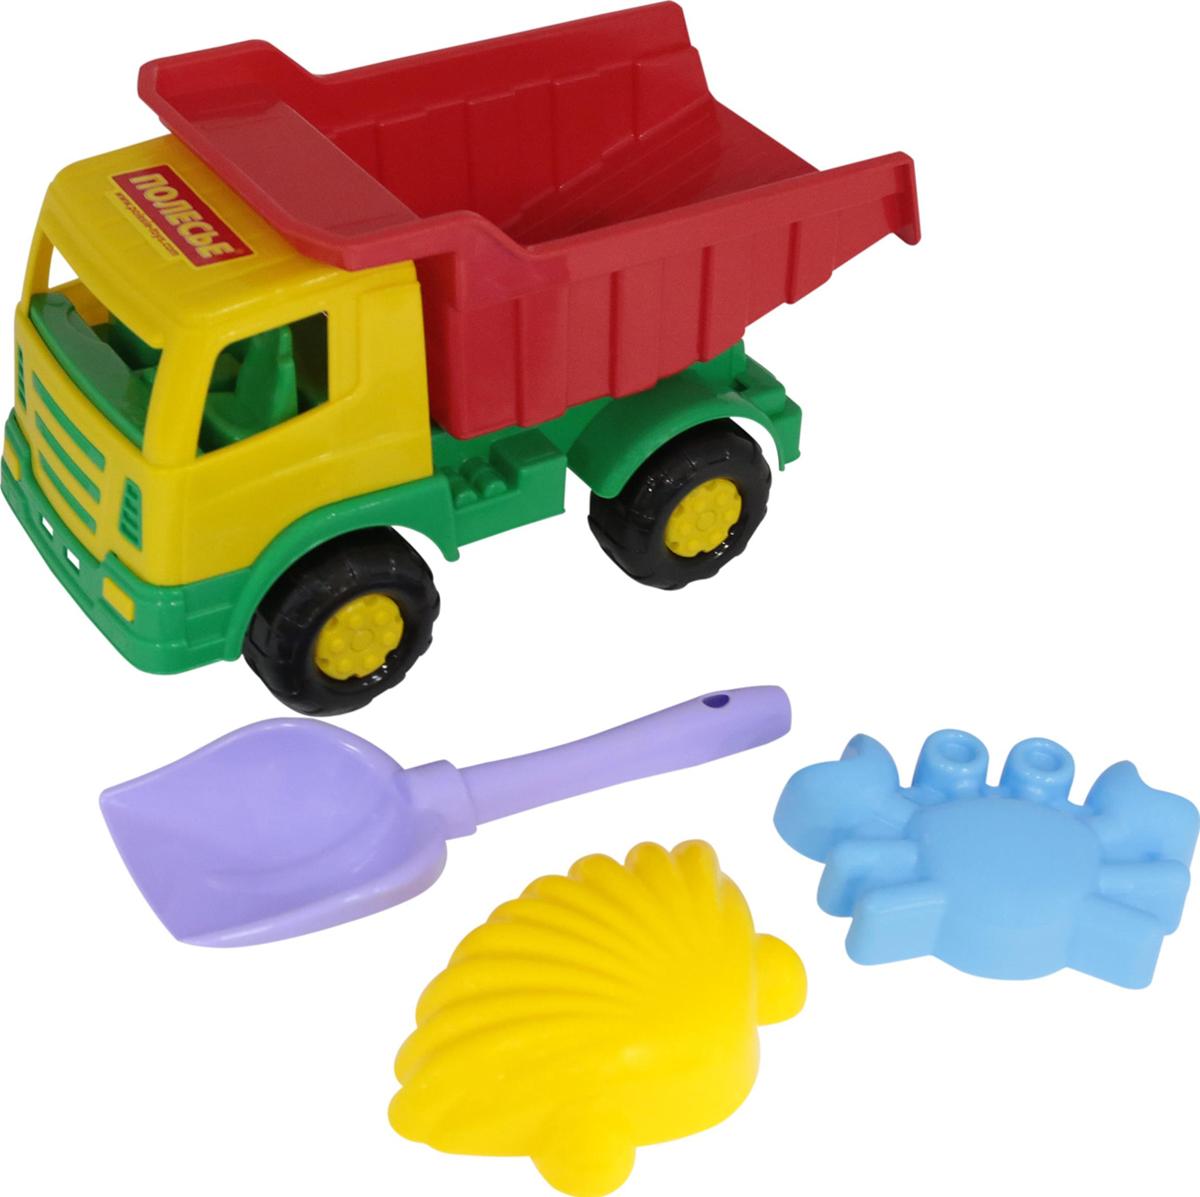 Полесье Набор игрушек для песочницы №369 Мираж омега 369 в аптеке купить